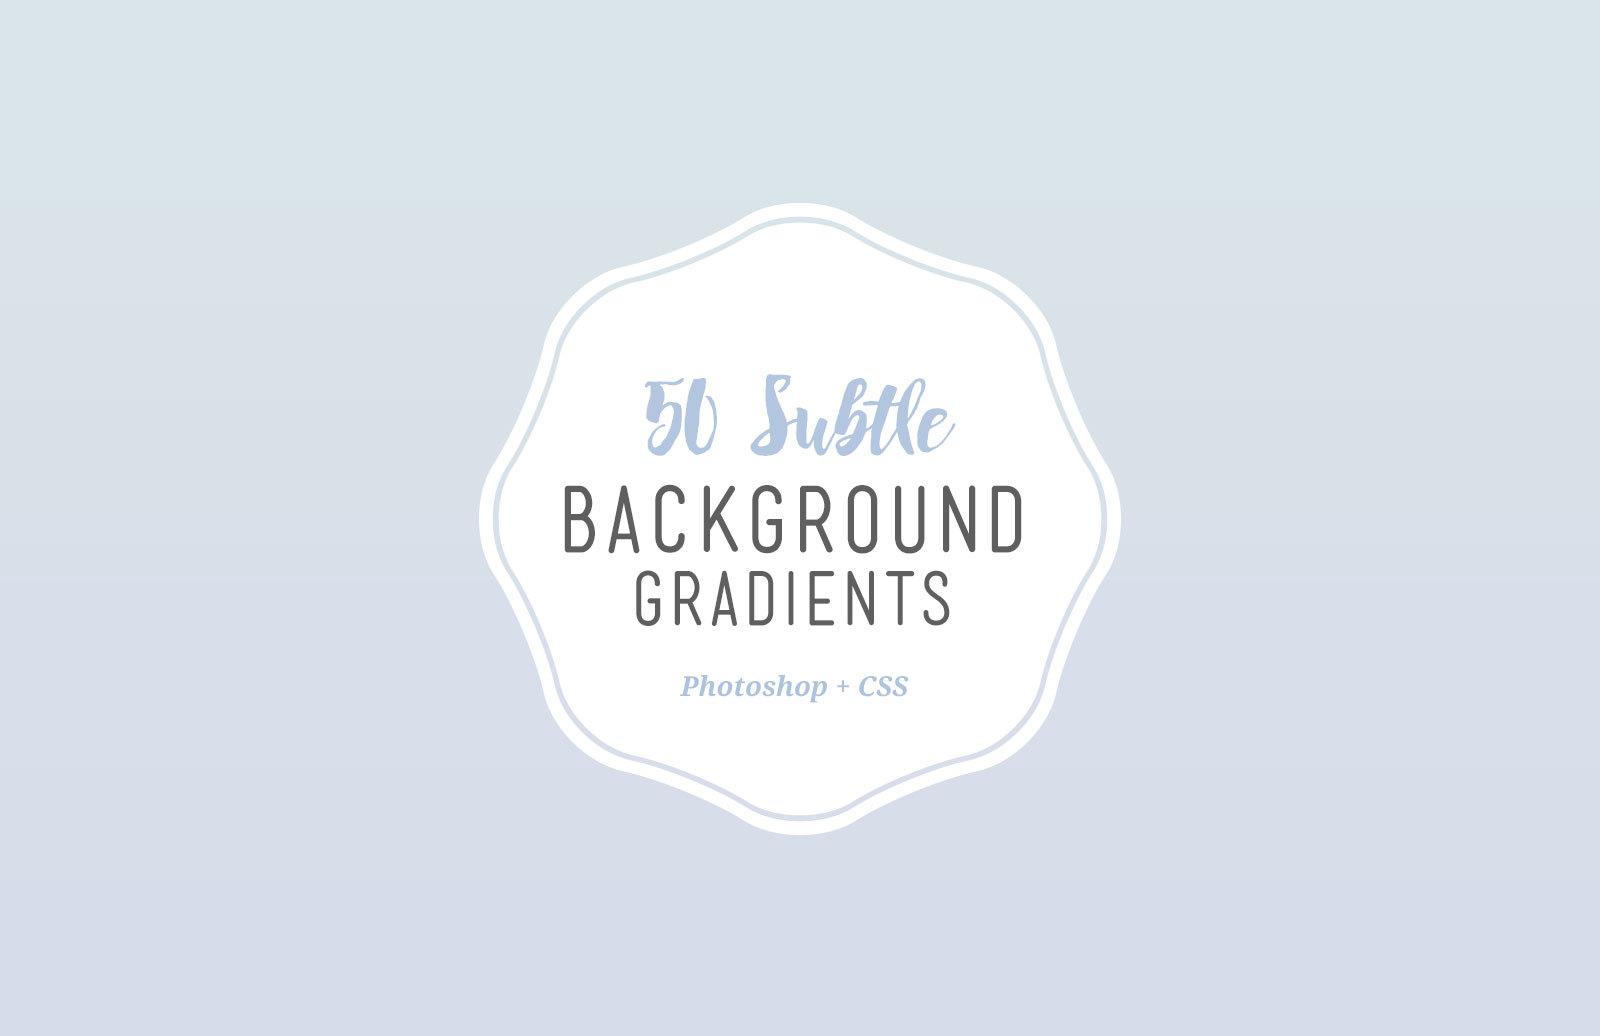 50 Subtle Background Gradients (CSS)